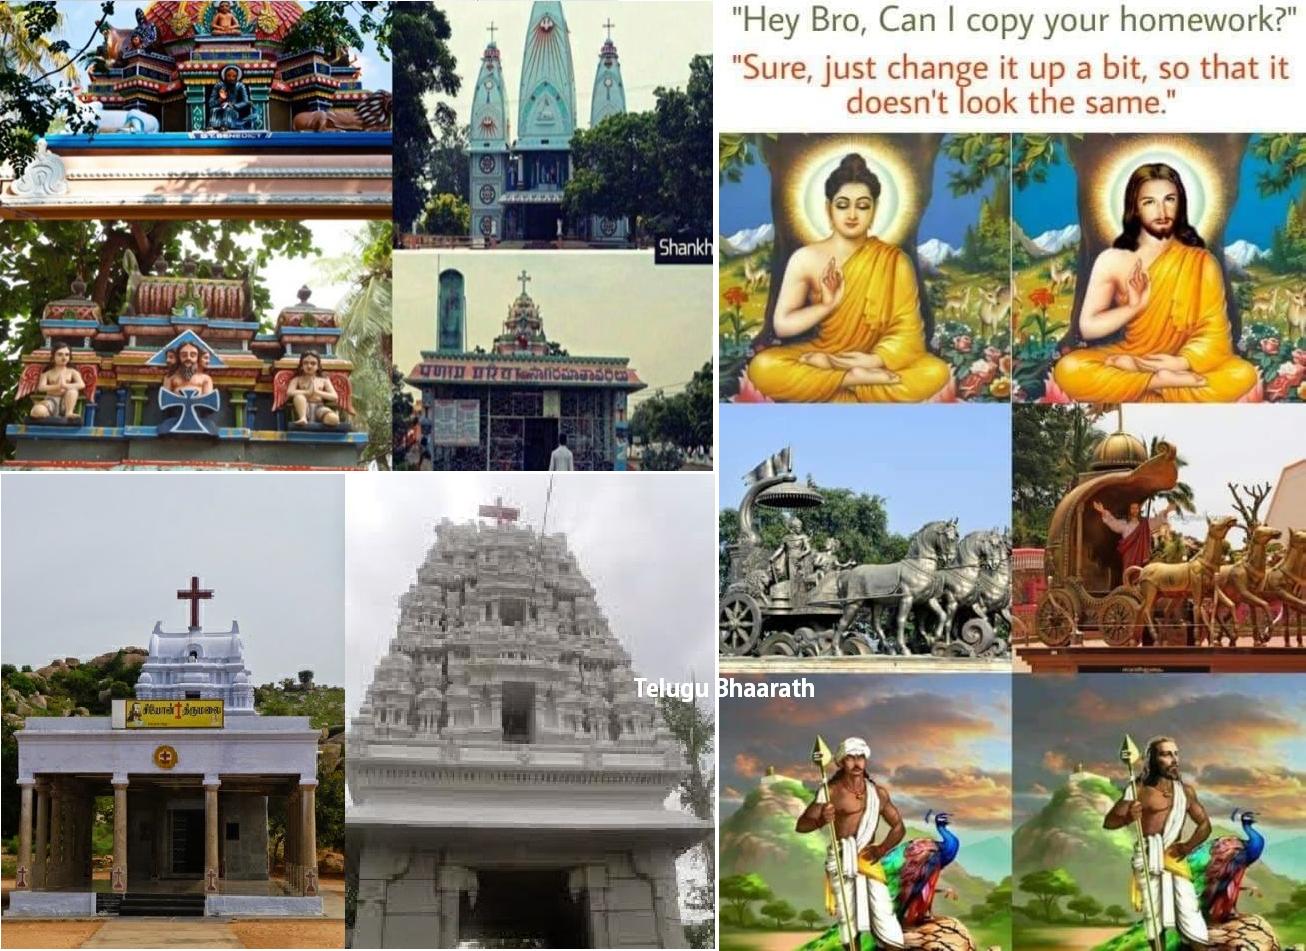 కాపీ కొడుతున్న క్రైస్తవం - హిందుత్వాన్ని నాశనం చేసే కుట్ర - Conspiracy to destroy Hindutva